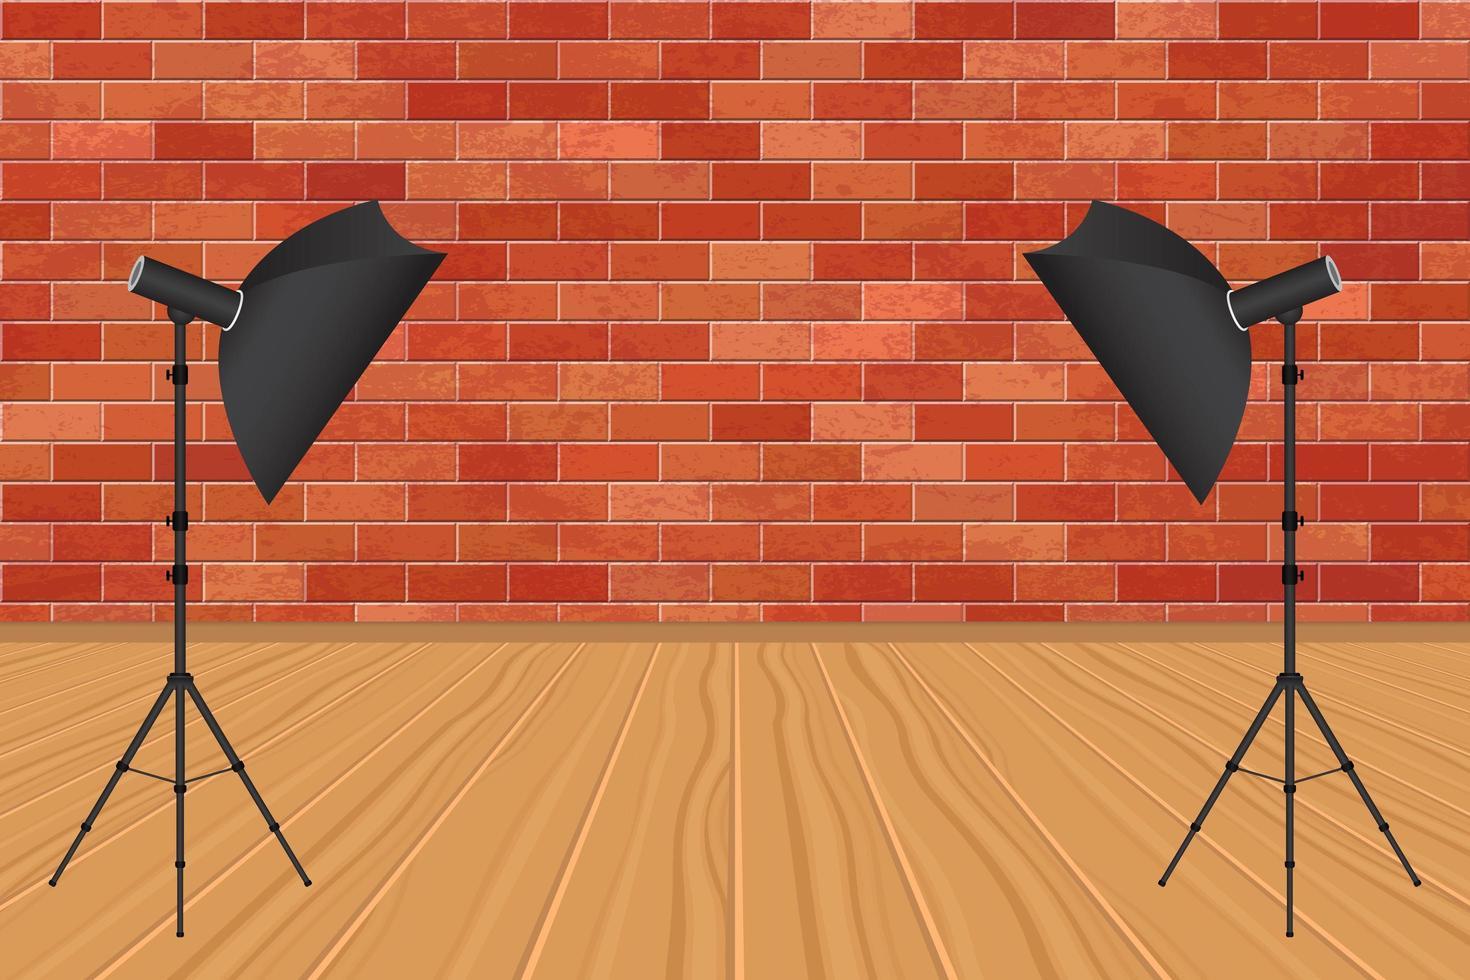 fotostudio med fotografiparaply och tegelvägg vektor